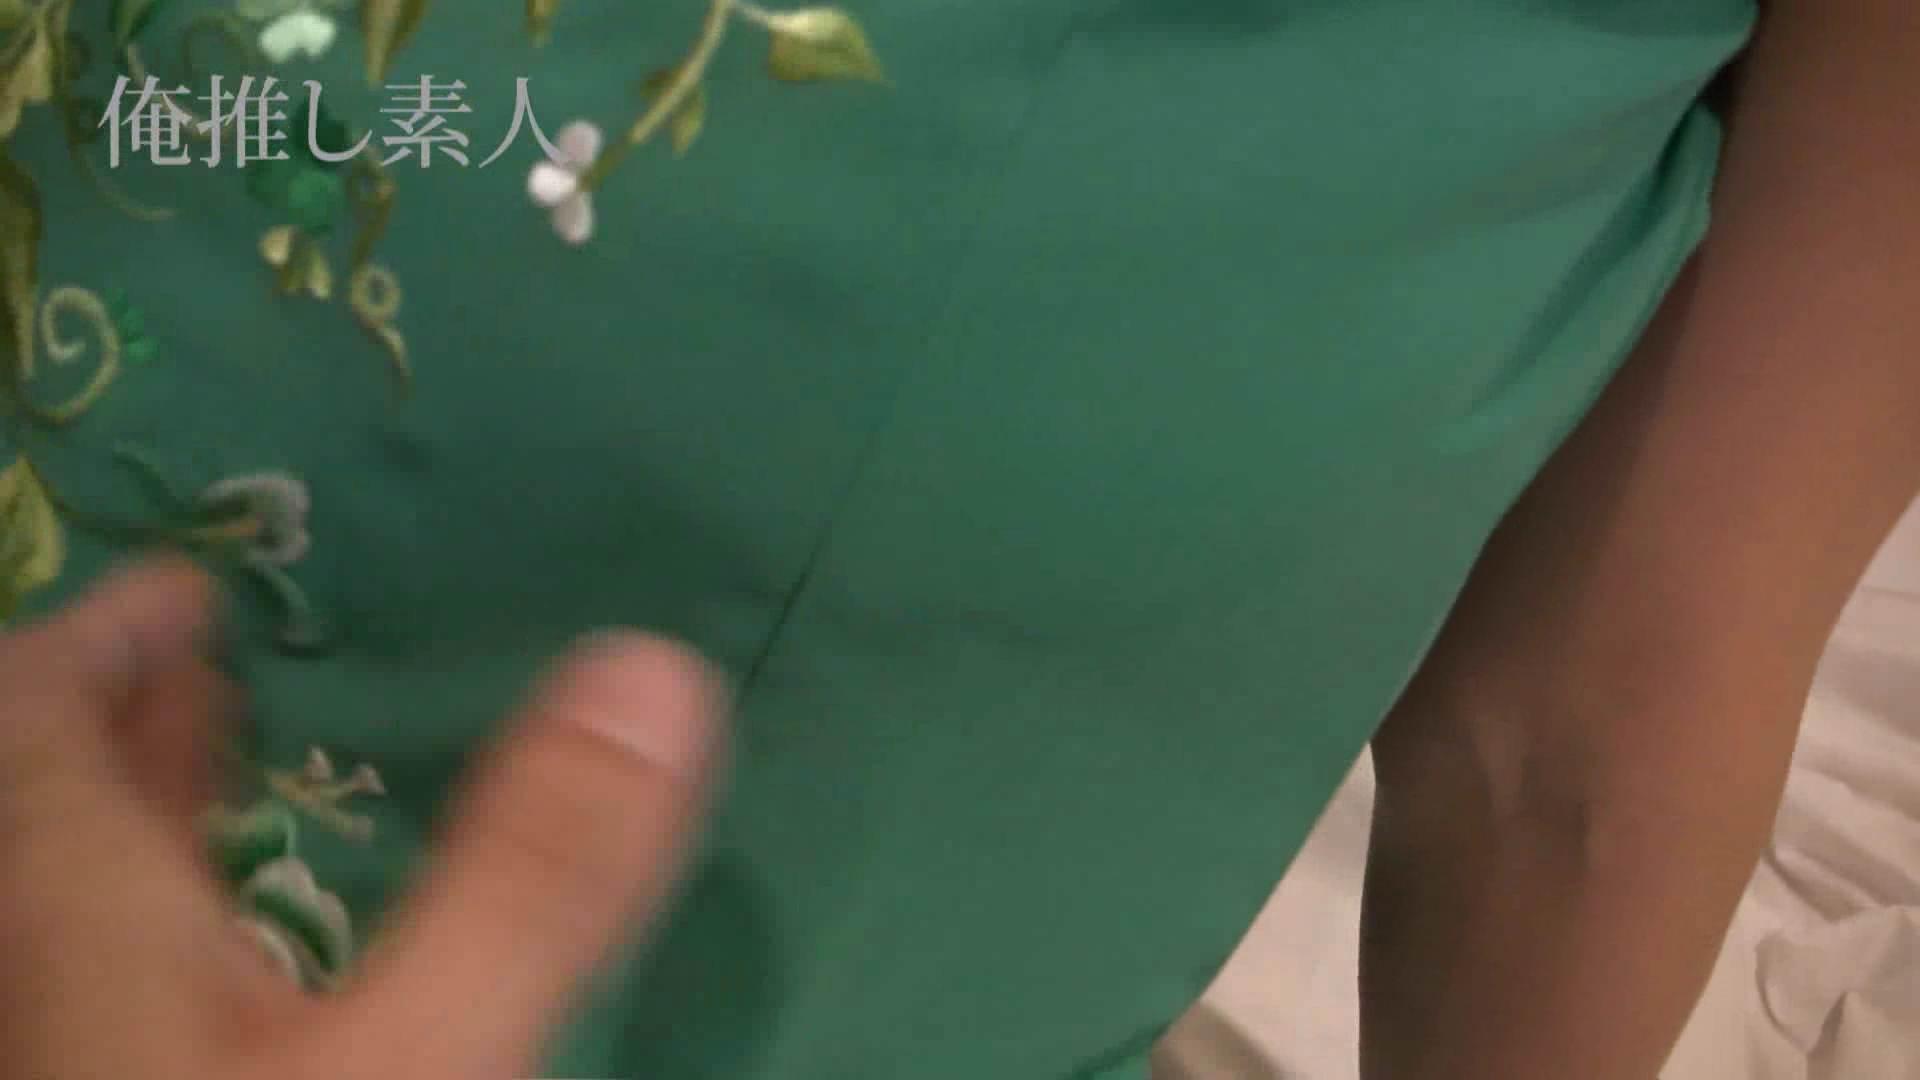 俺推し素人 Gカップ人妻キャバ嬢 雫 素人  23連発 1